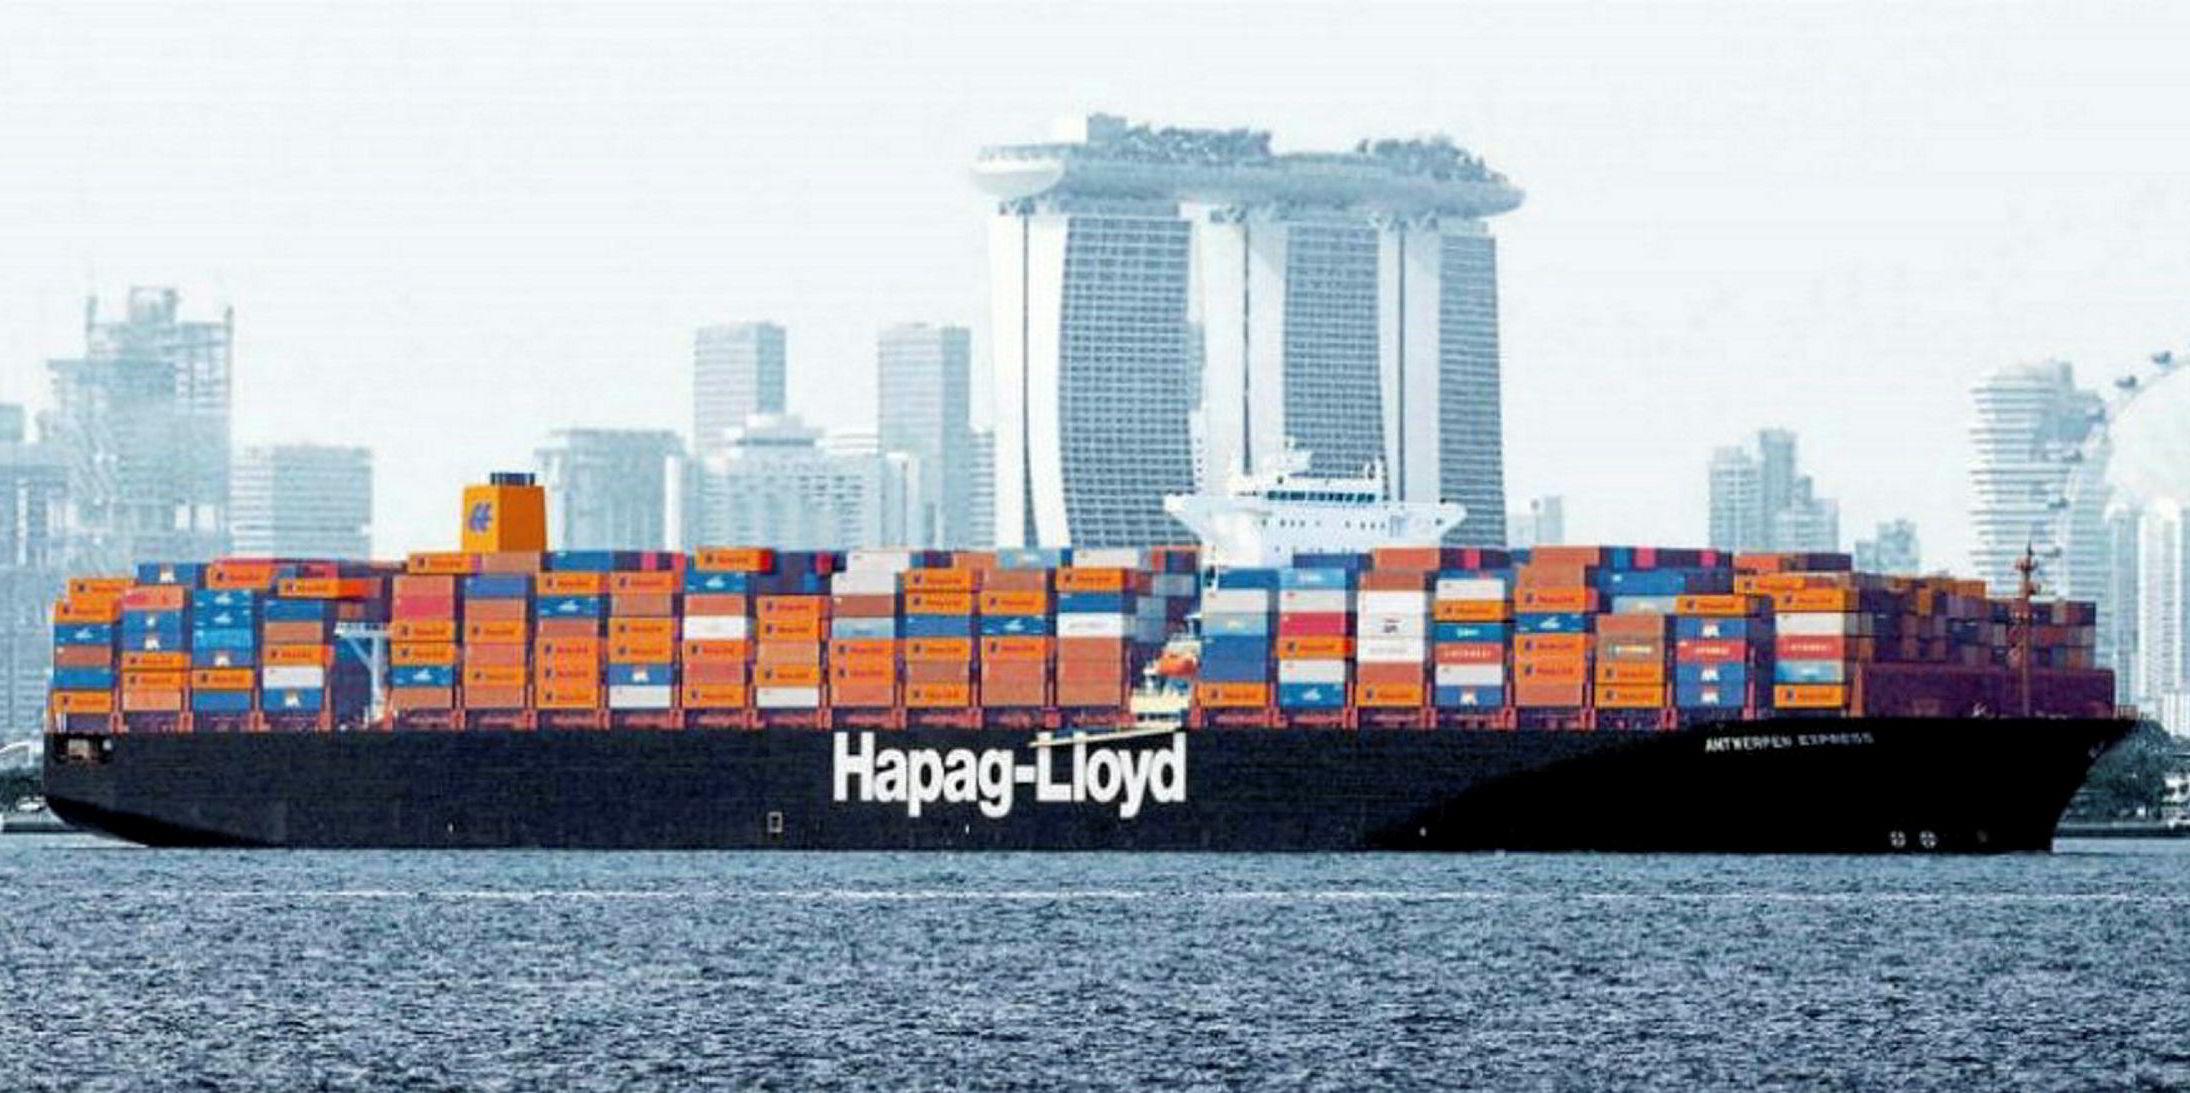 erstklassiges echtes üppiges Design neue sorten Hapag-Lloyd seeks six supersize boxships in bid to stay ...